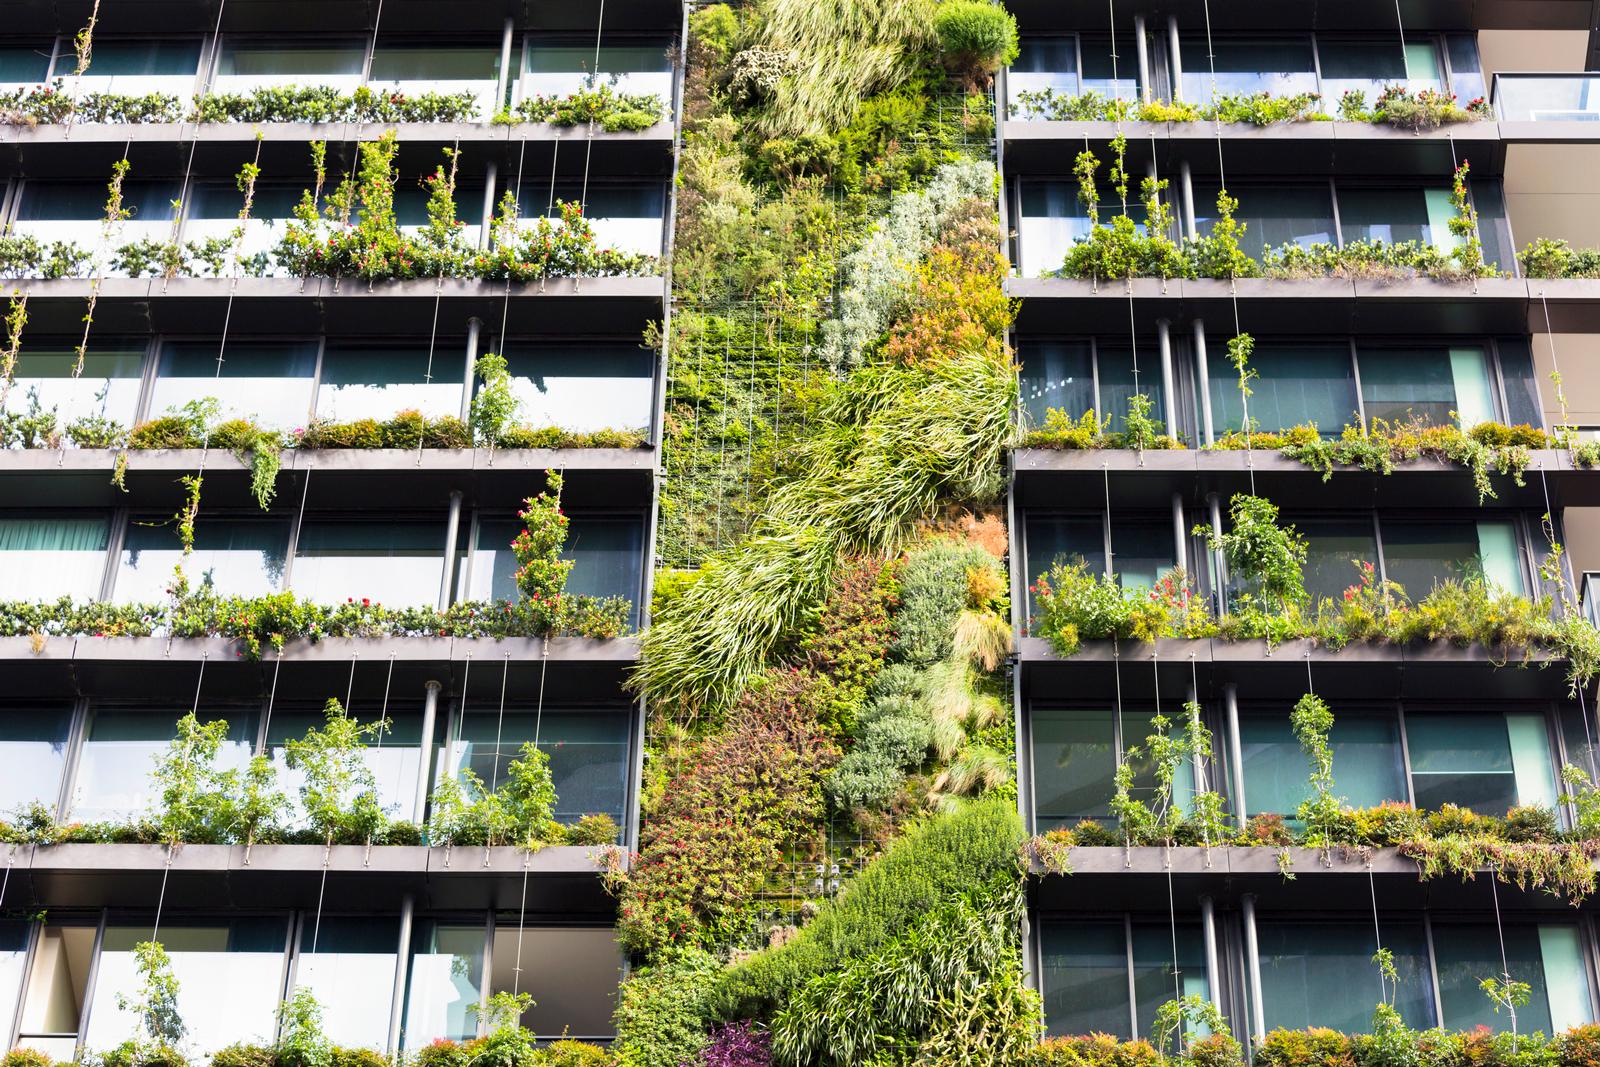 Zum Begrünen deiner Fassade kannst du zwischen vertikalen Lösungen und Kletterpflanzen wählen.